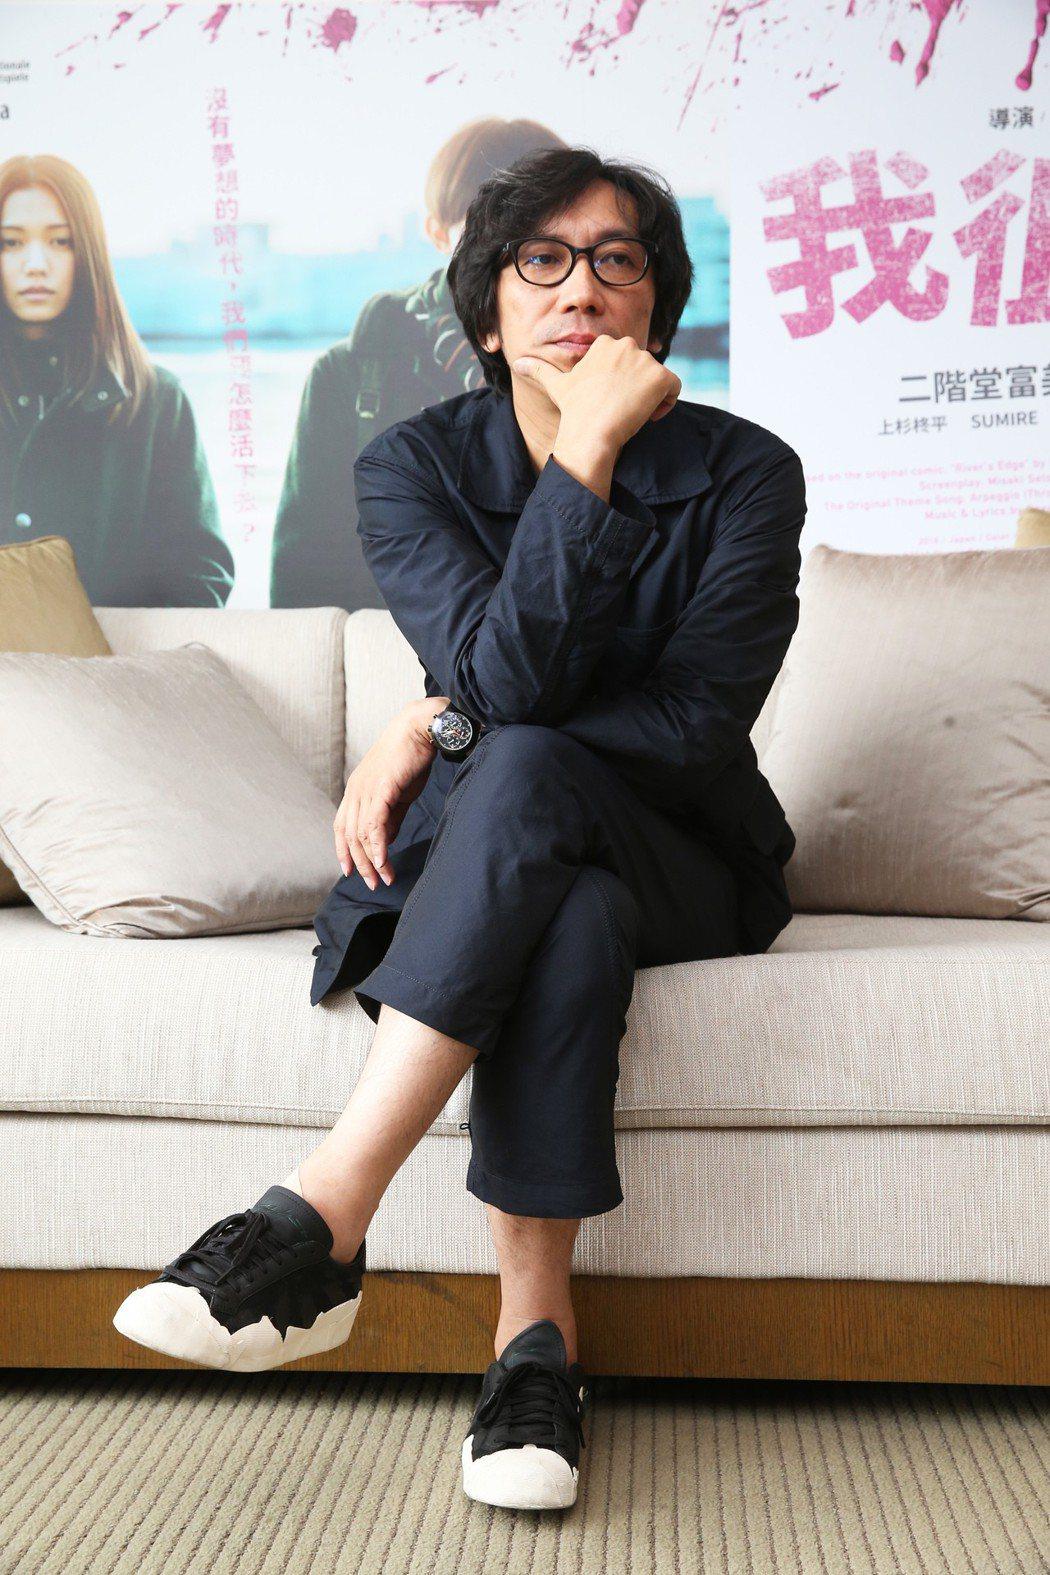 導演行定勳出席記者會為新片《我很好》宣傳。記者徐兆玄/攝影